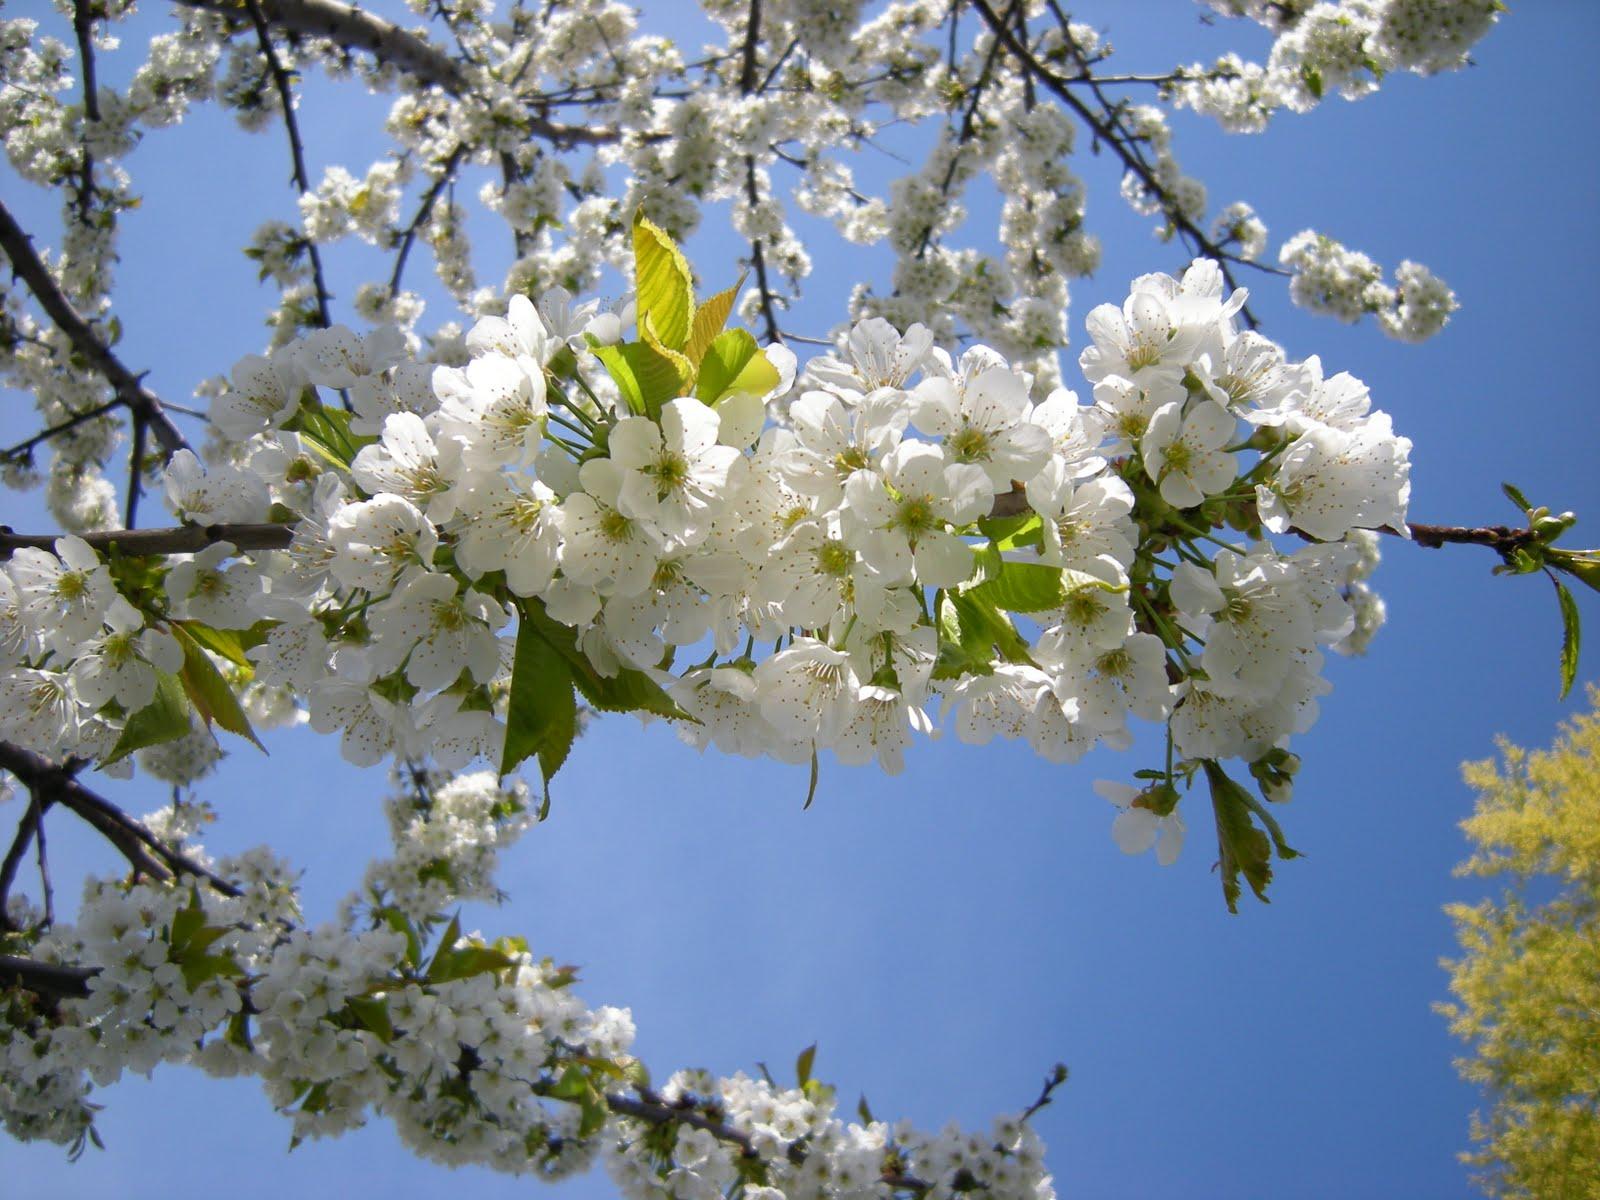 plantas de baixo custo dão flores durante todo o verão e agradecem